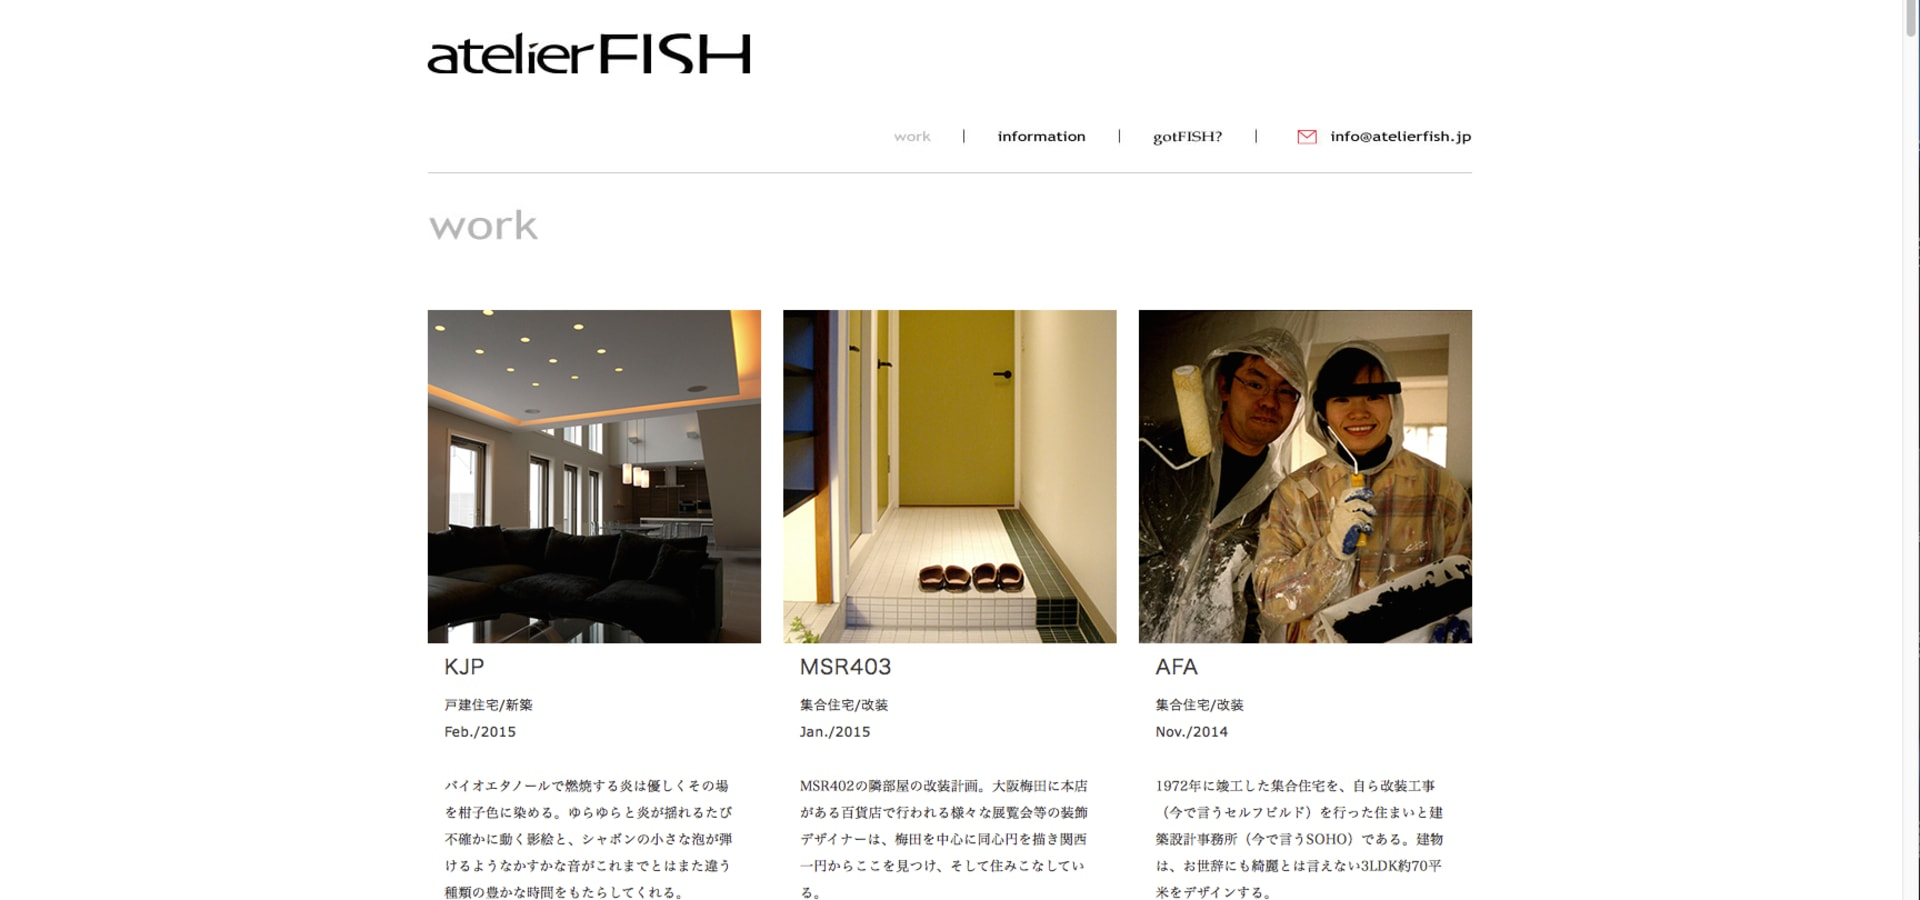 atelier FISH   アトリエ・フィッシュ